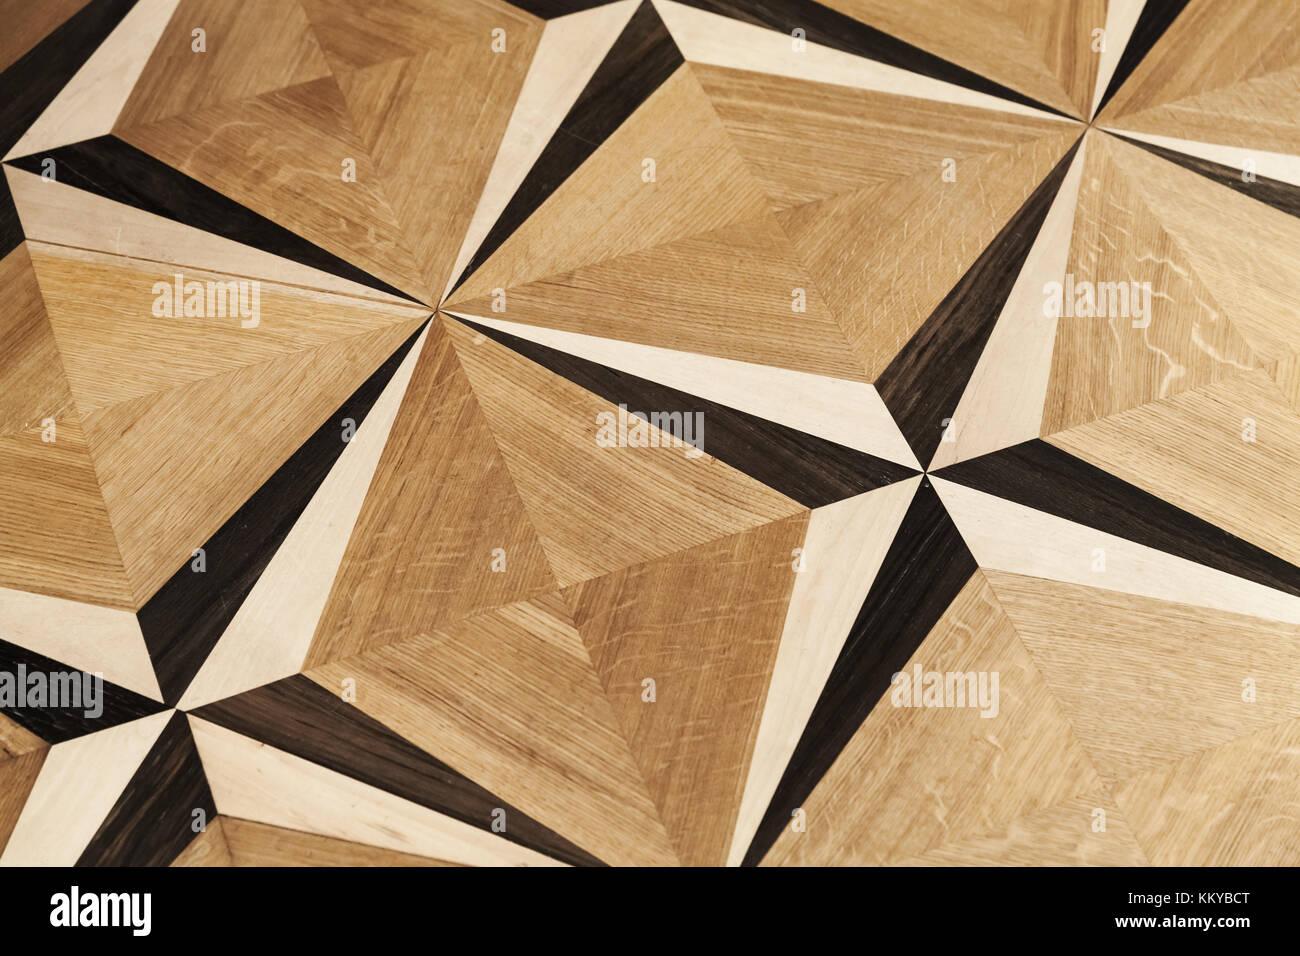 Classico in legno con parquet vintage rose del vento pattern